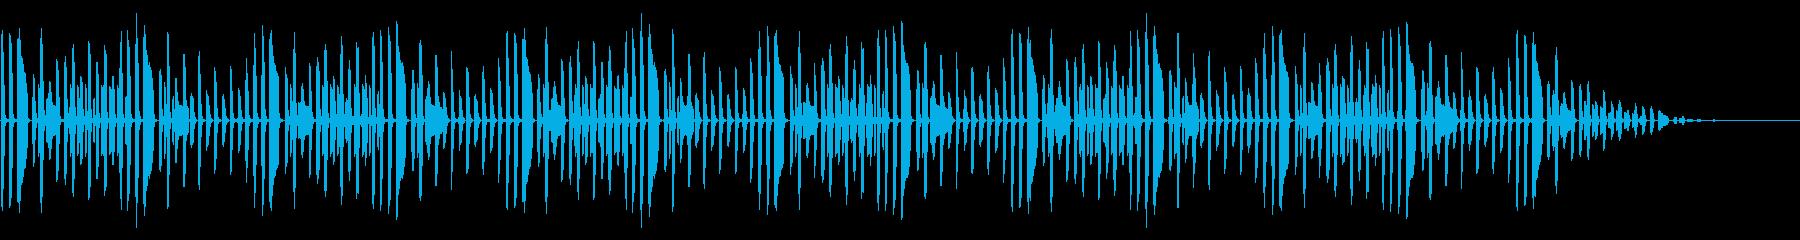 童謡「ぶんぶんぶん」脱力系アレンジの再生済みの波形